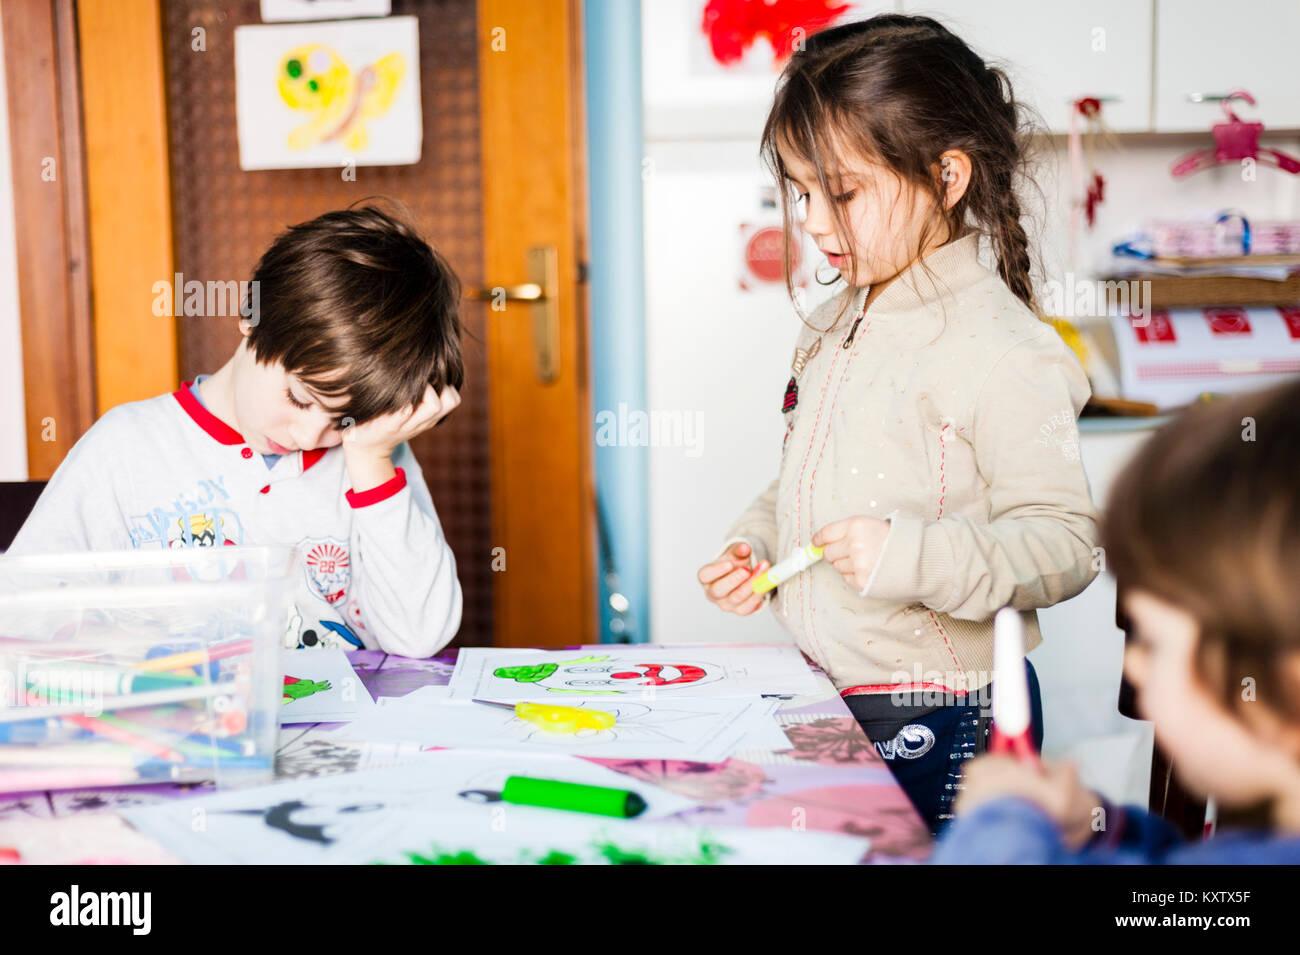 Kinder malen und zeichnen und schneiden Sie Zeichnungen, indem sie ...